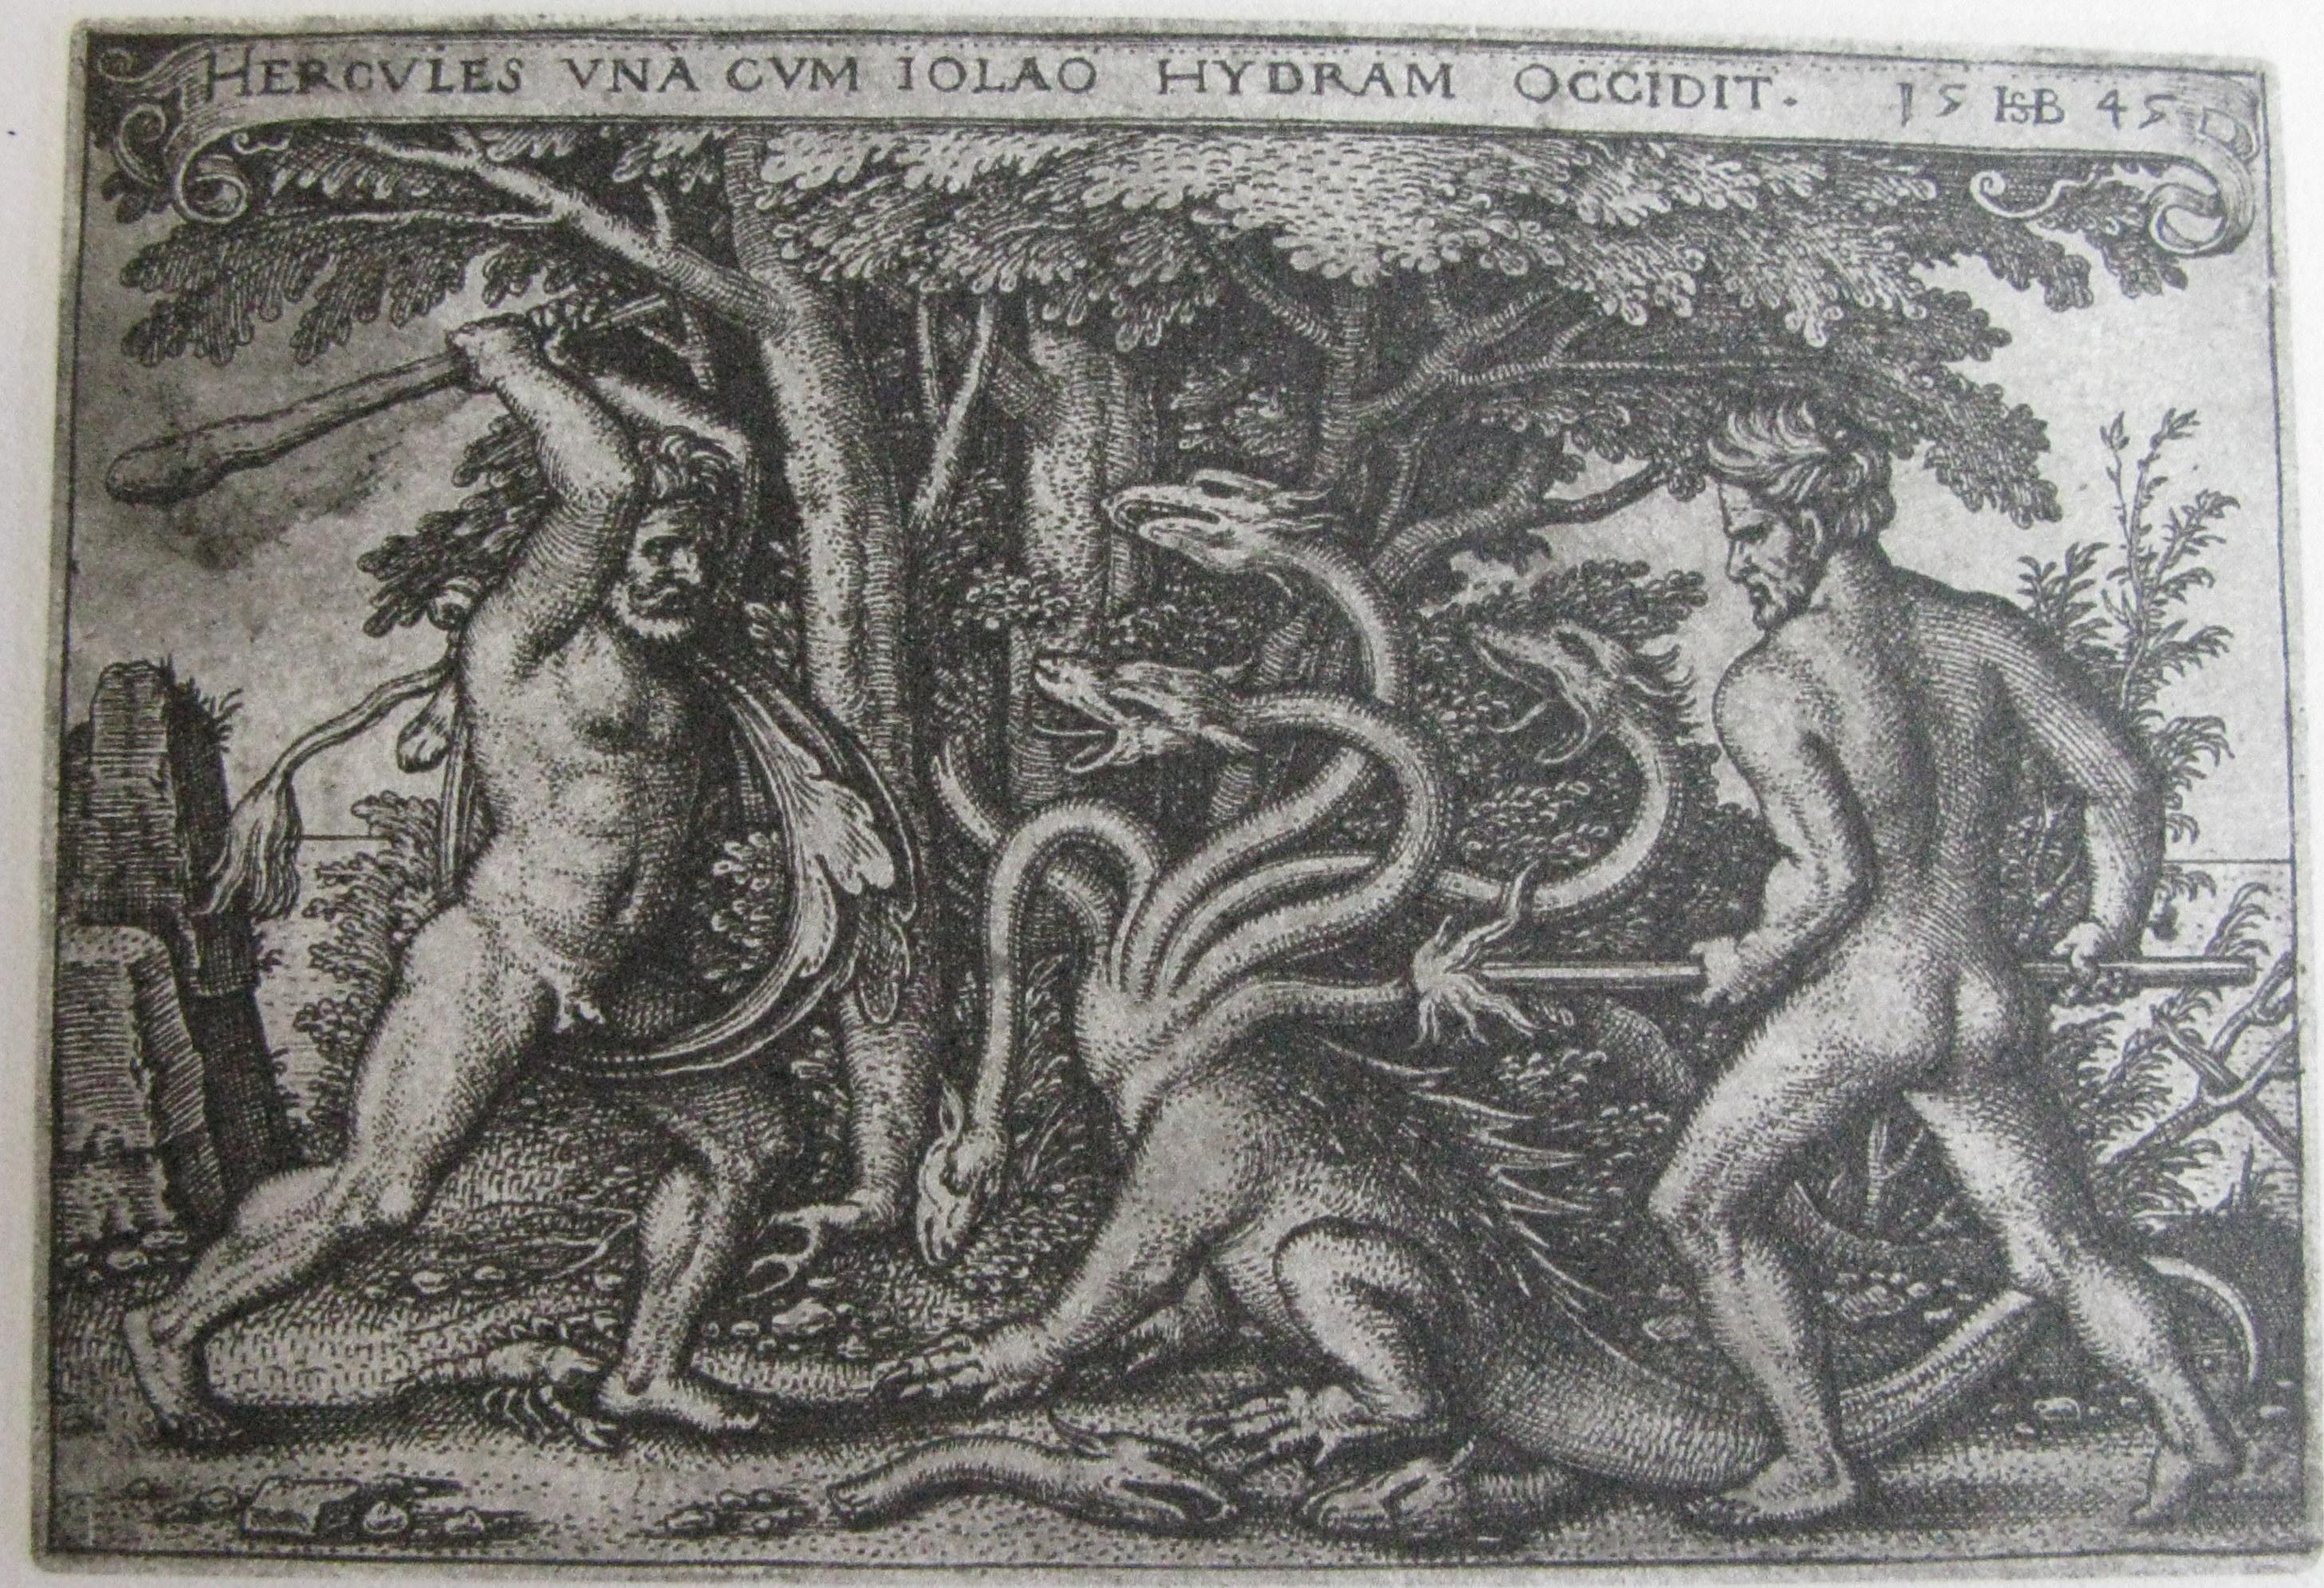 Hans Sebald Beham's Hercules killing the Hydra